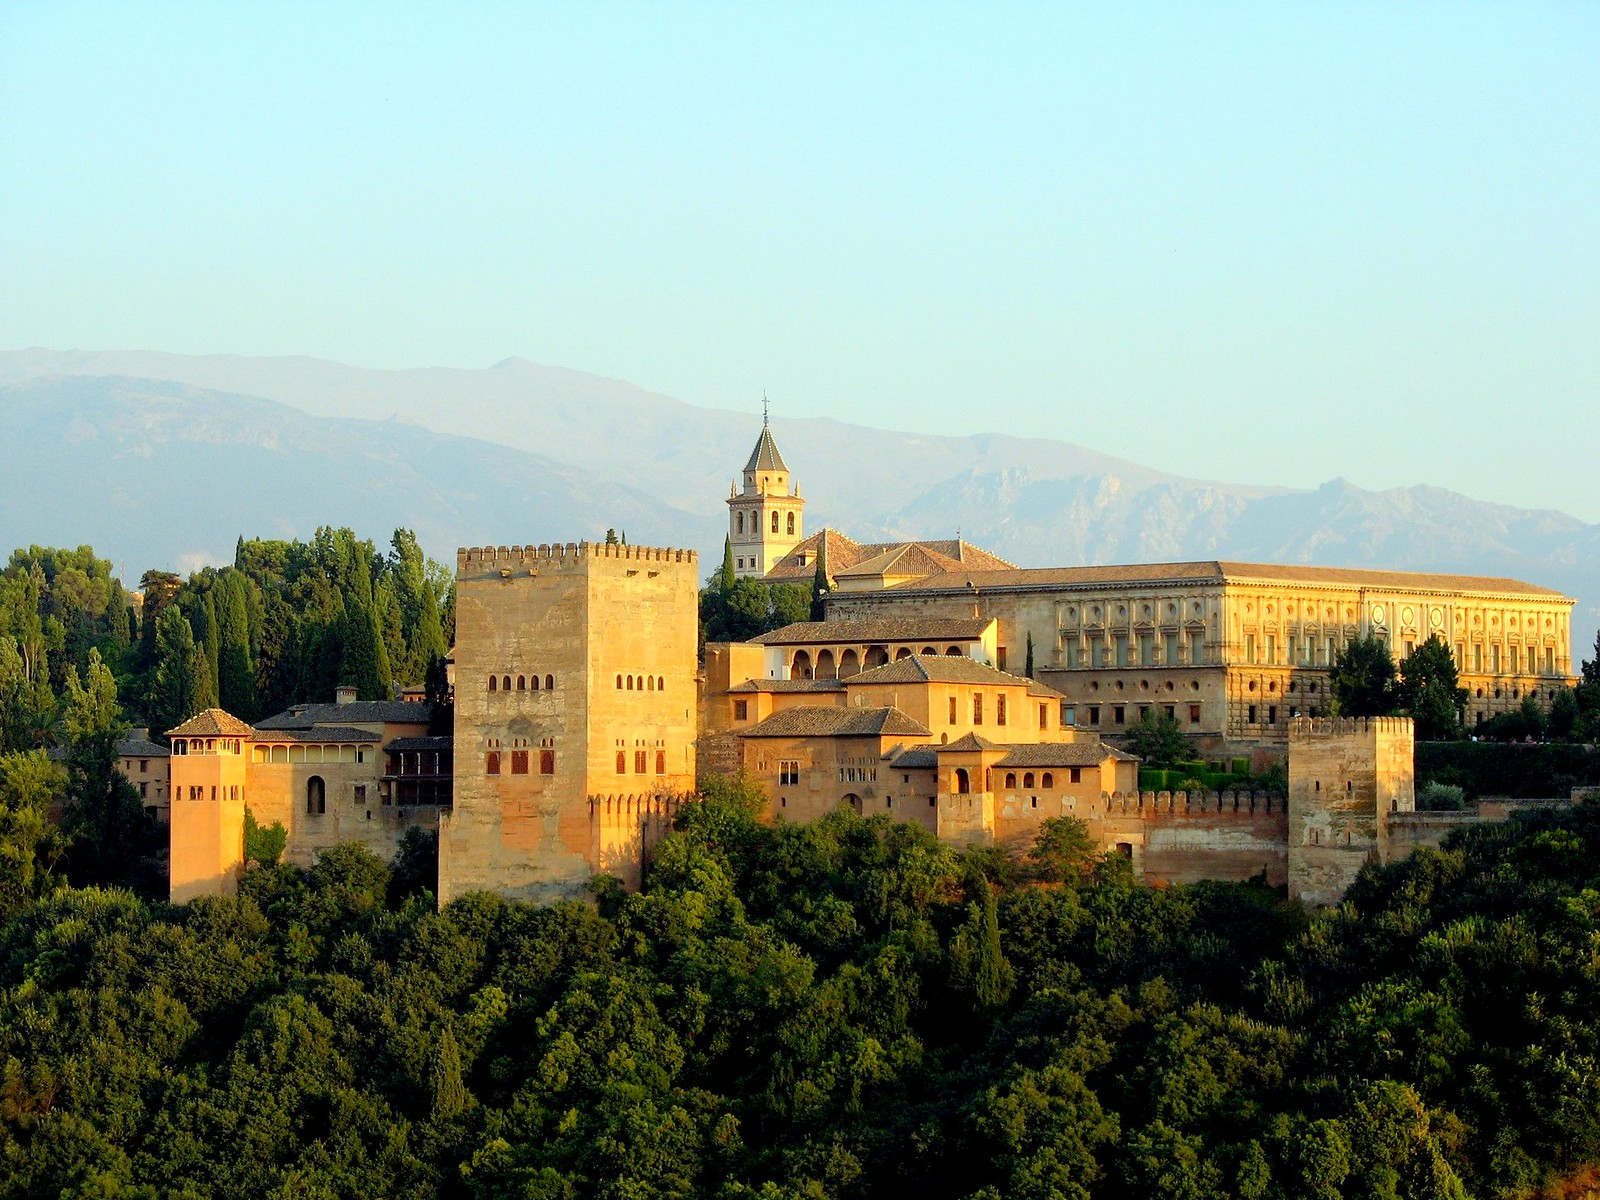 アルハンブラ宮殿 全景